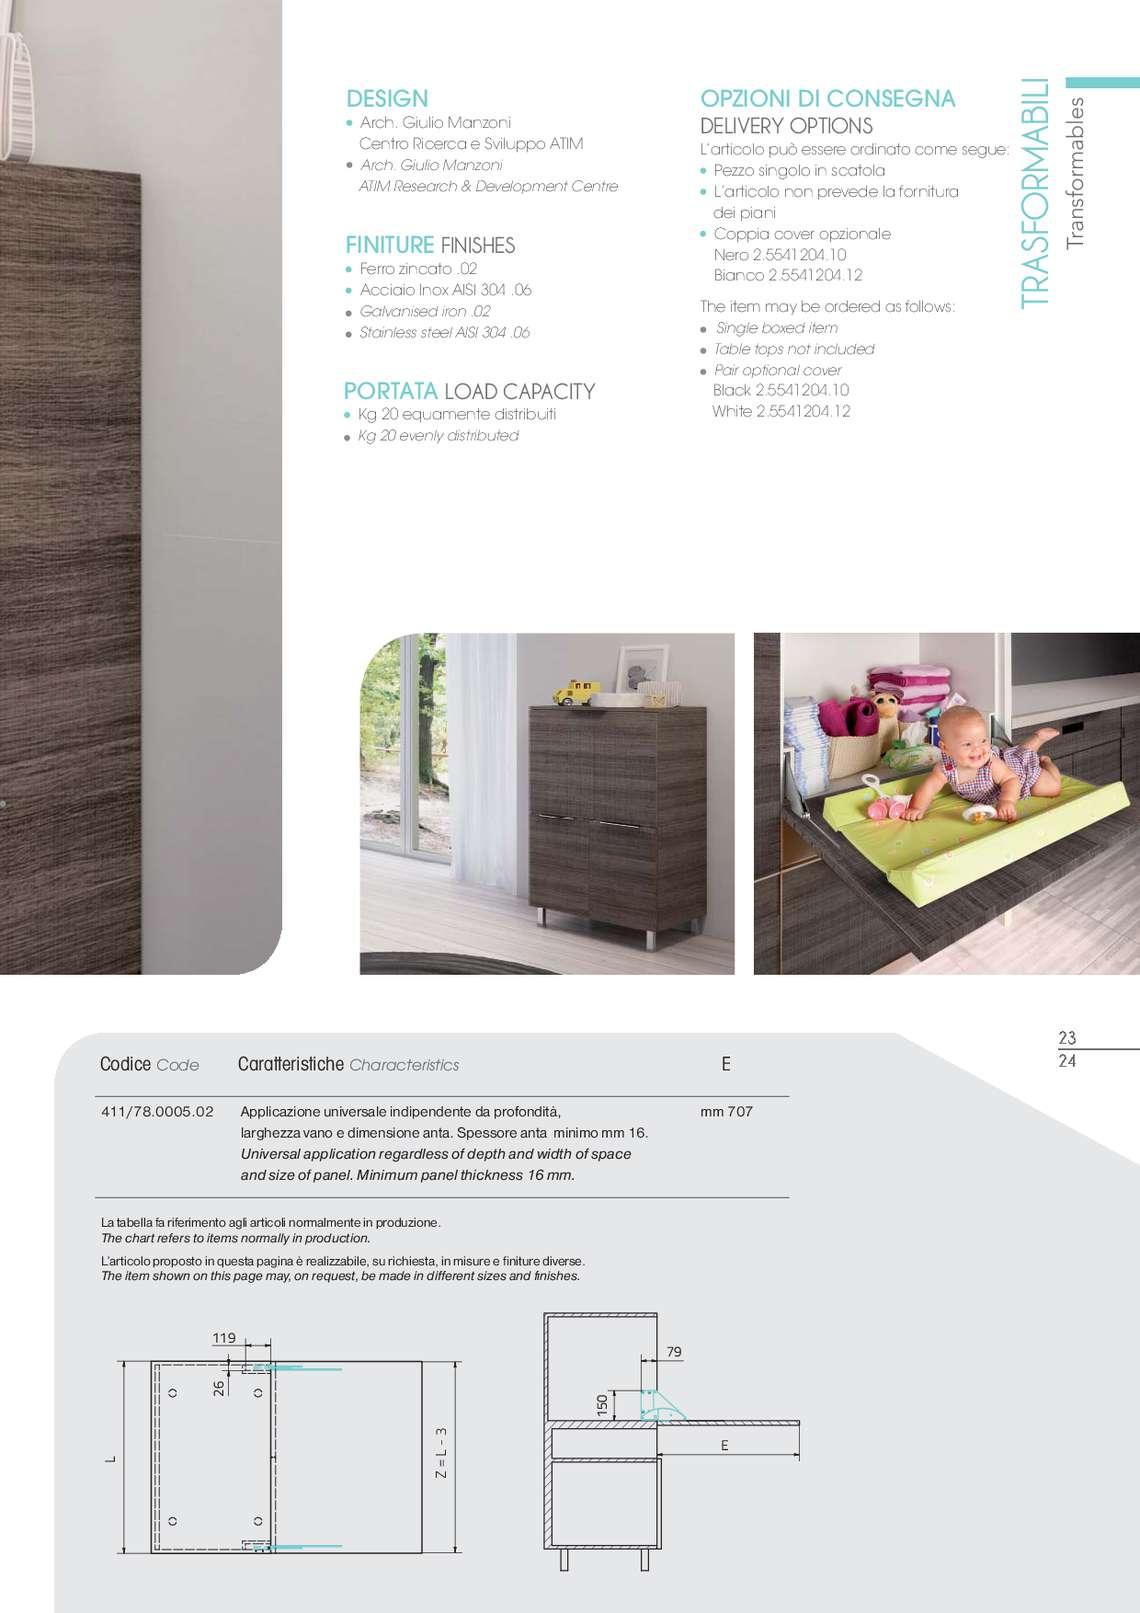 catalogo-trasformabili-atim_22_028.jpg